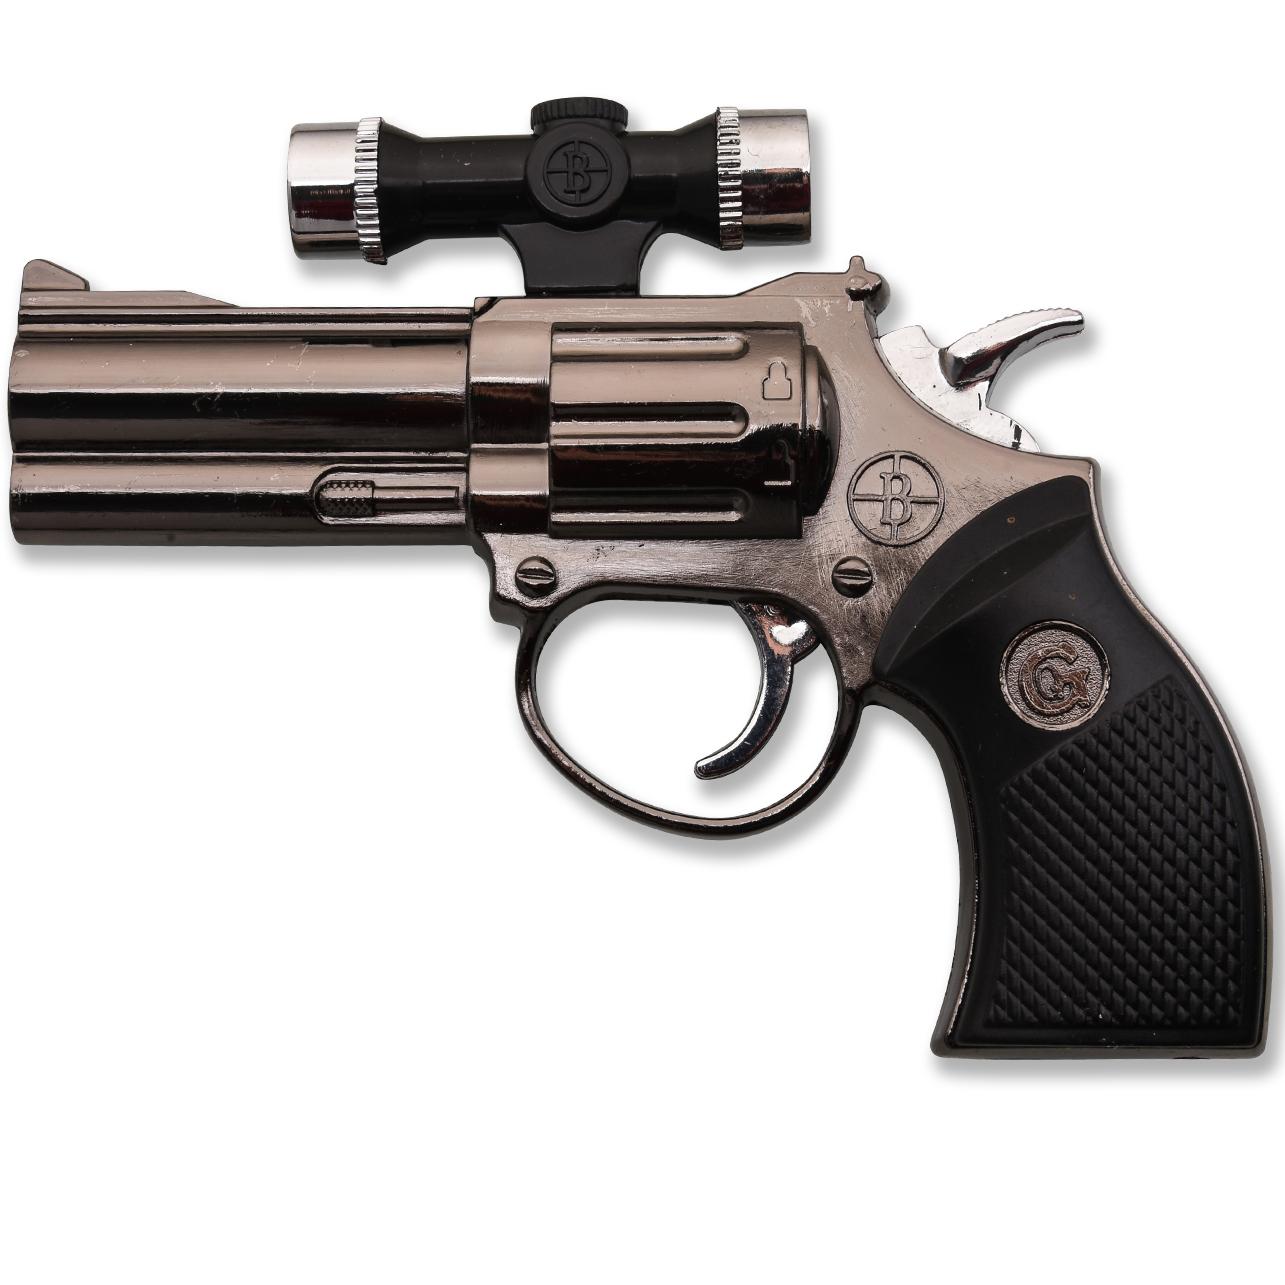 Сувенирный револьвер зажигалка с лазерным прицелом